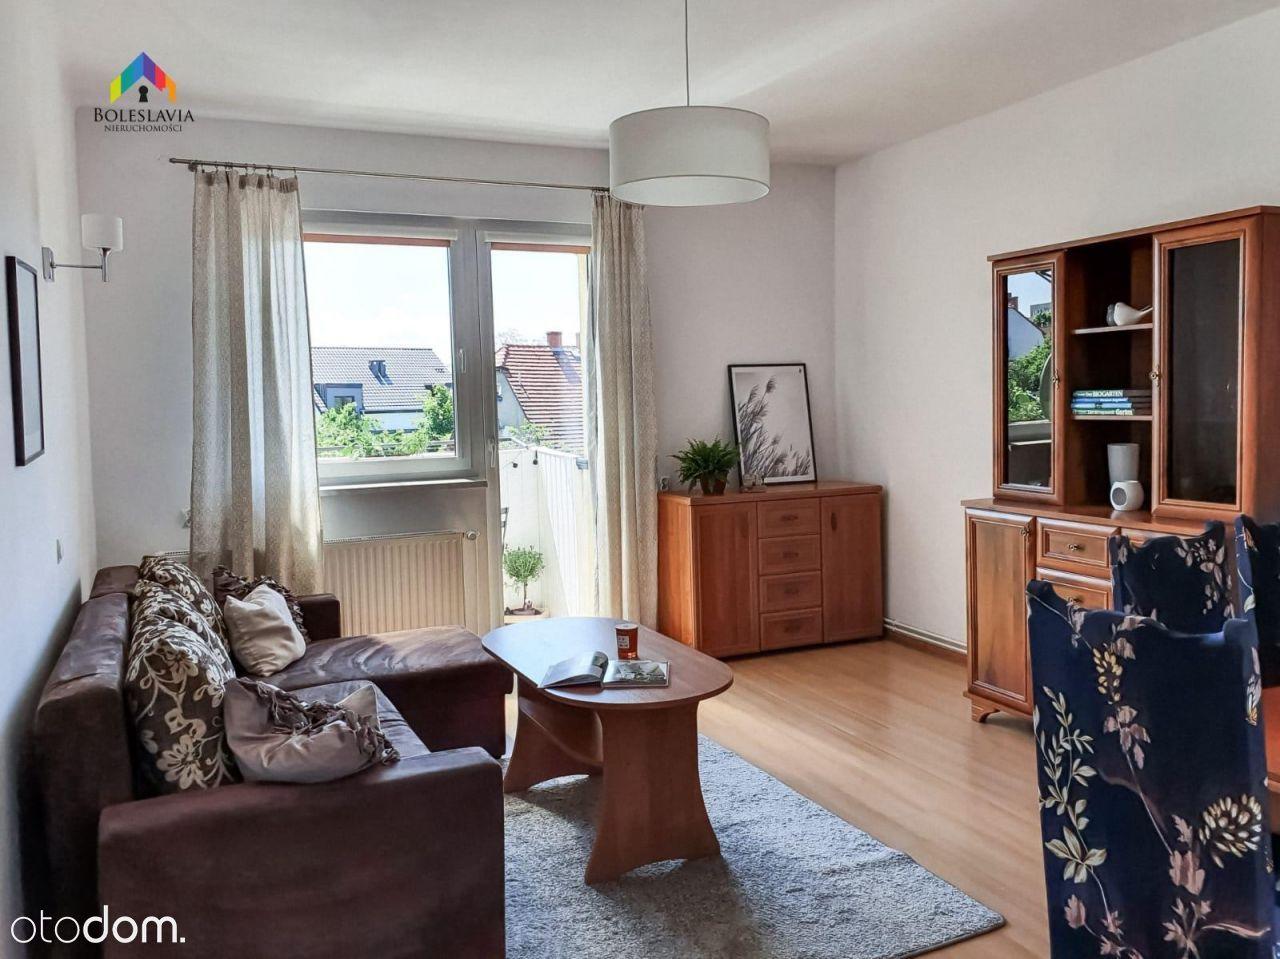 Mieszkanie, 55,60 m², Bolesławiec